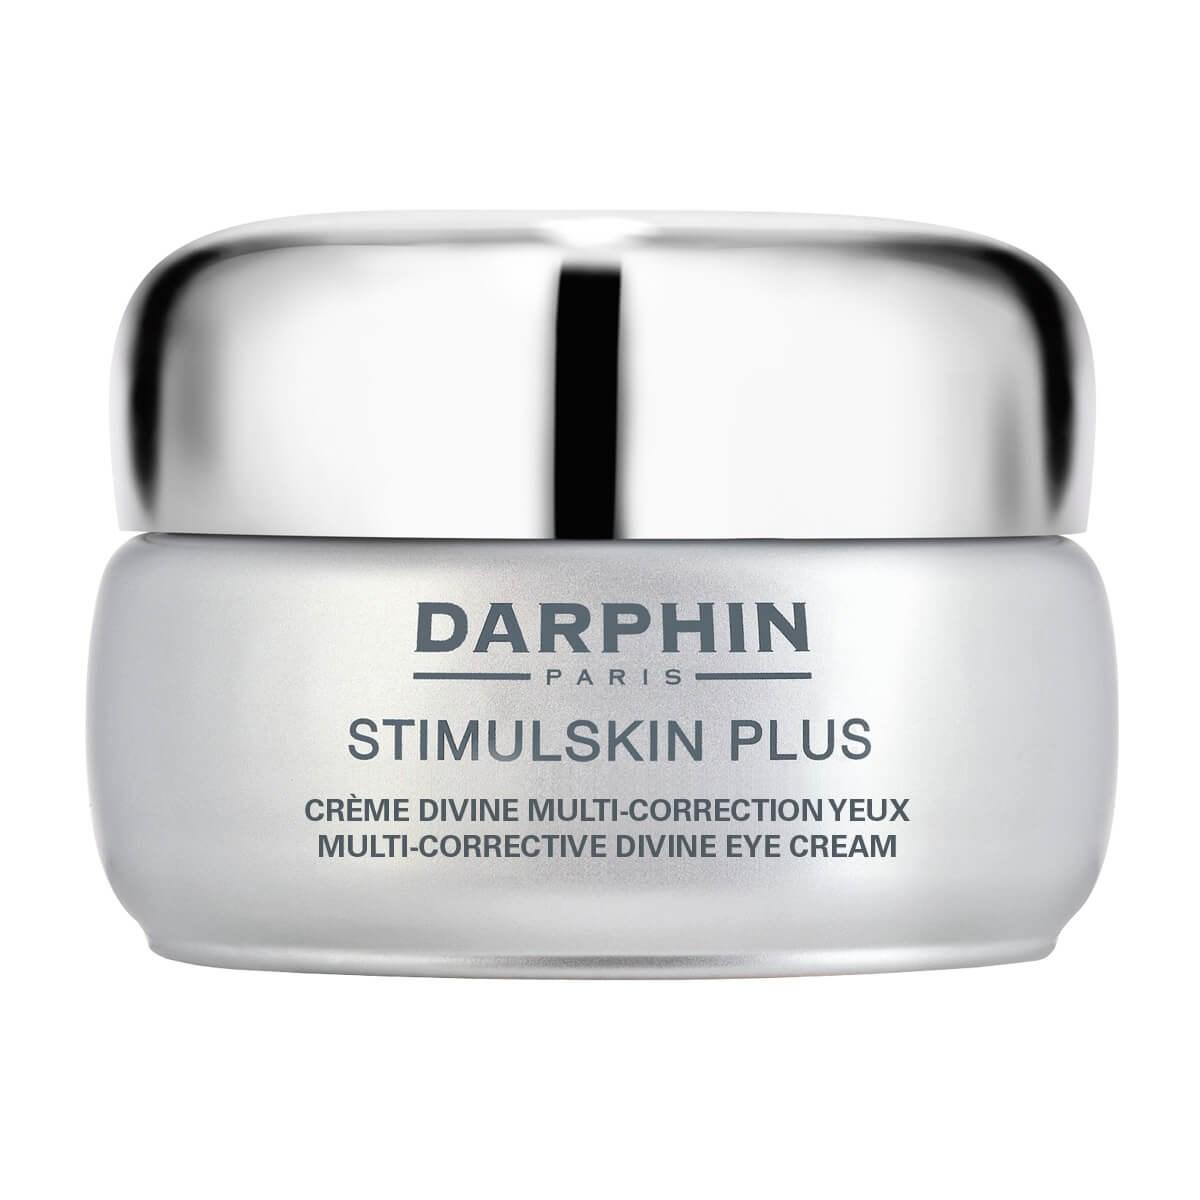 Darphin Stimulskin Plus Divine Eye Cream